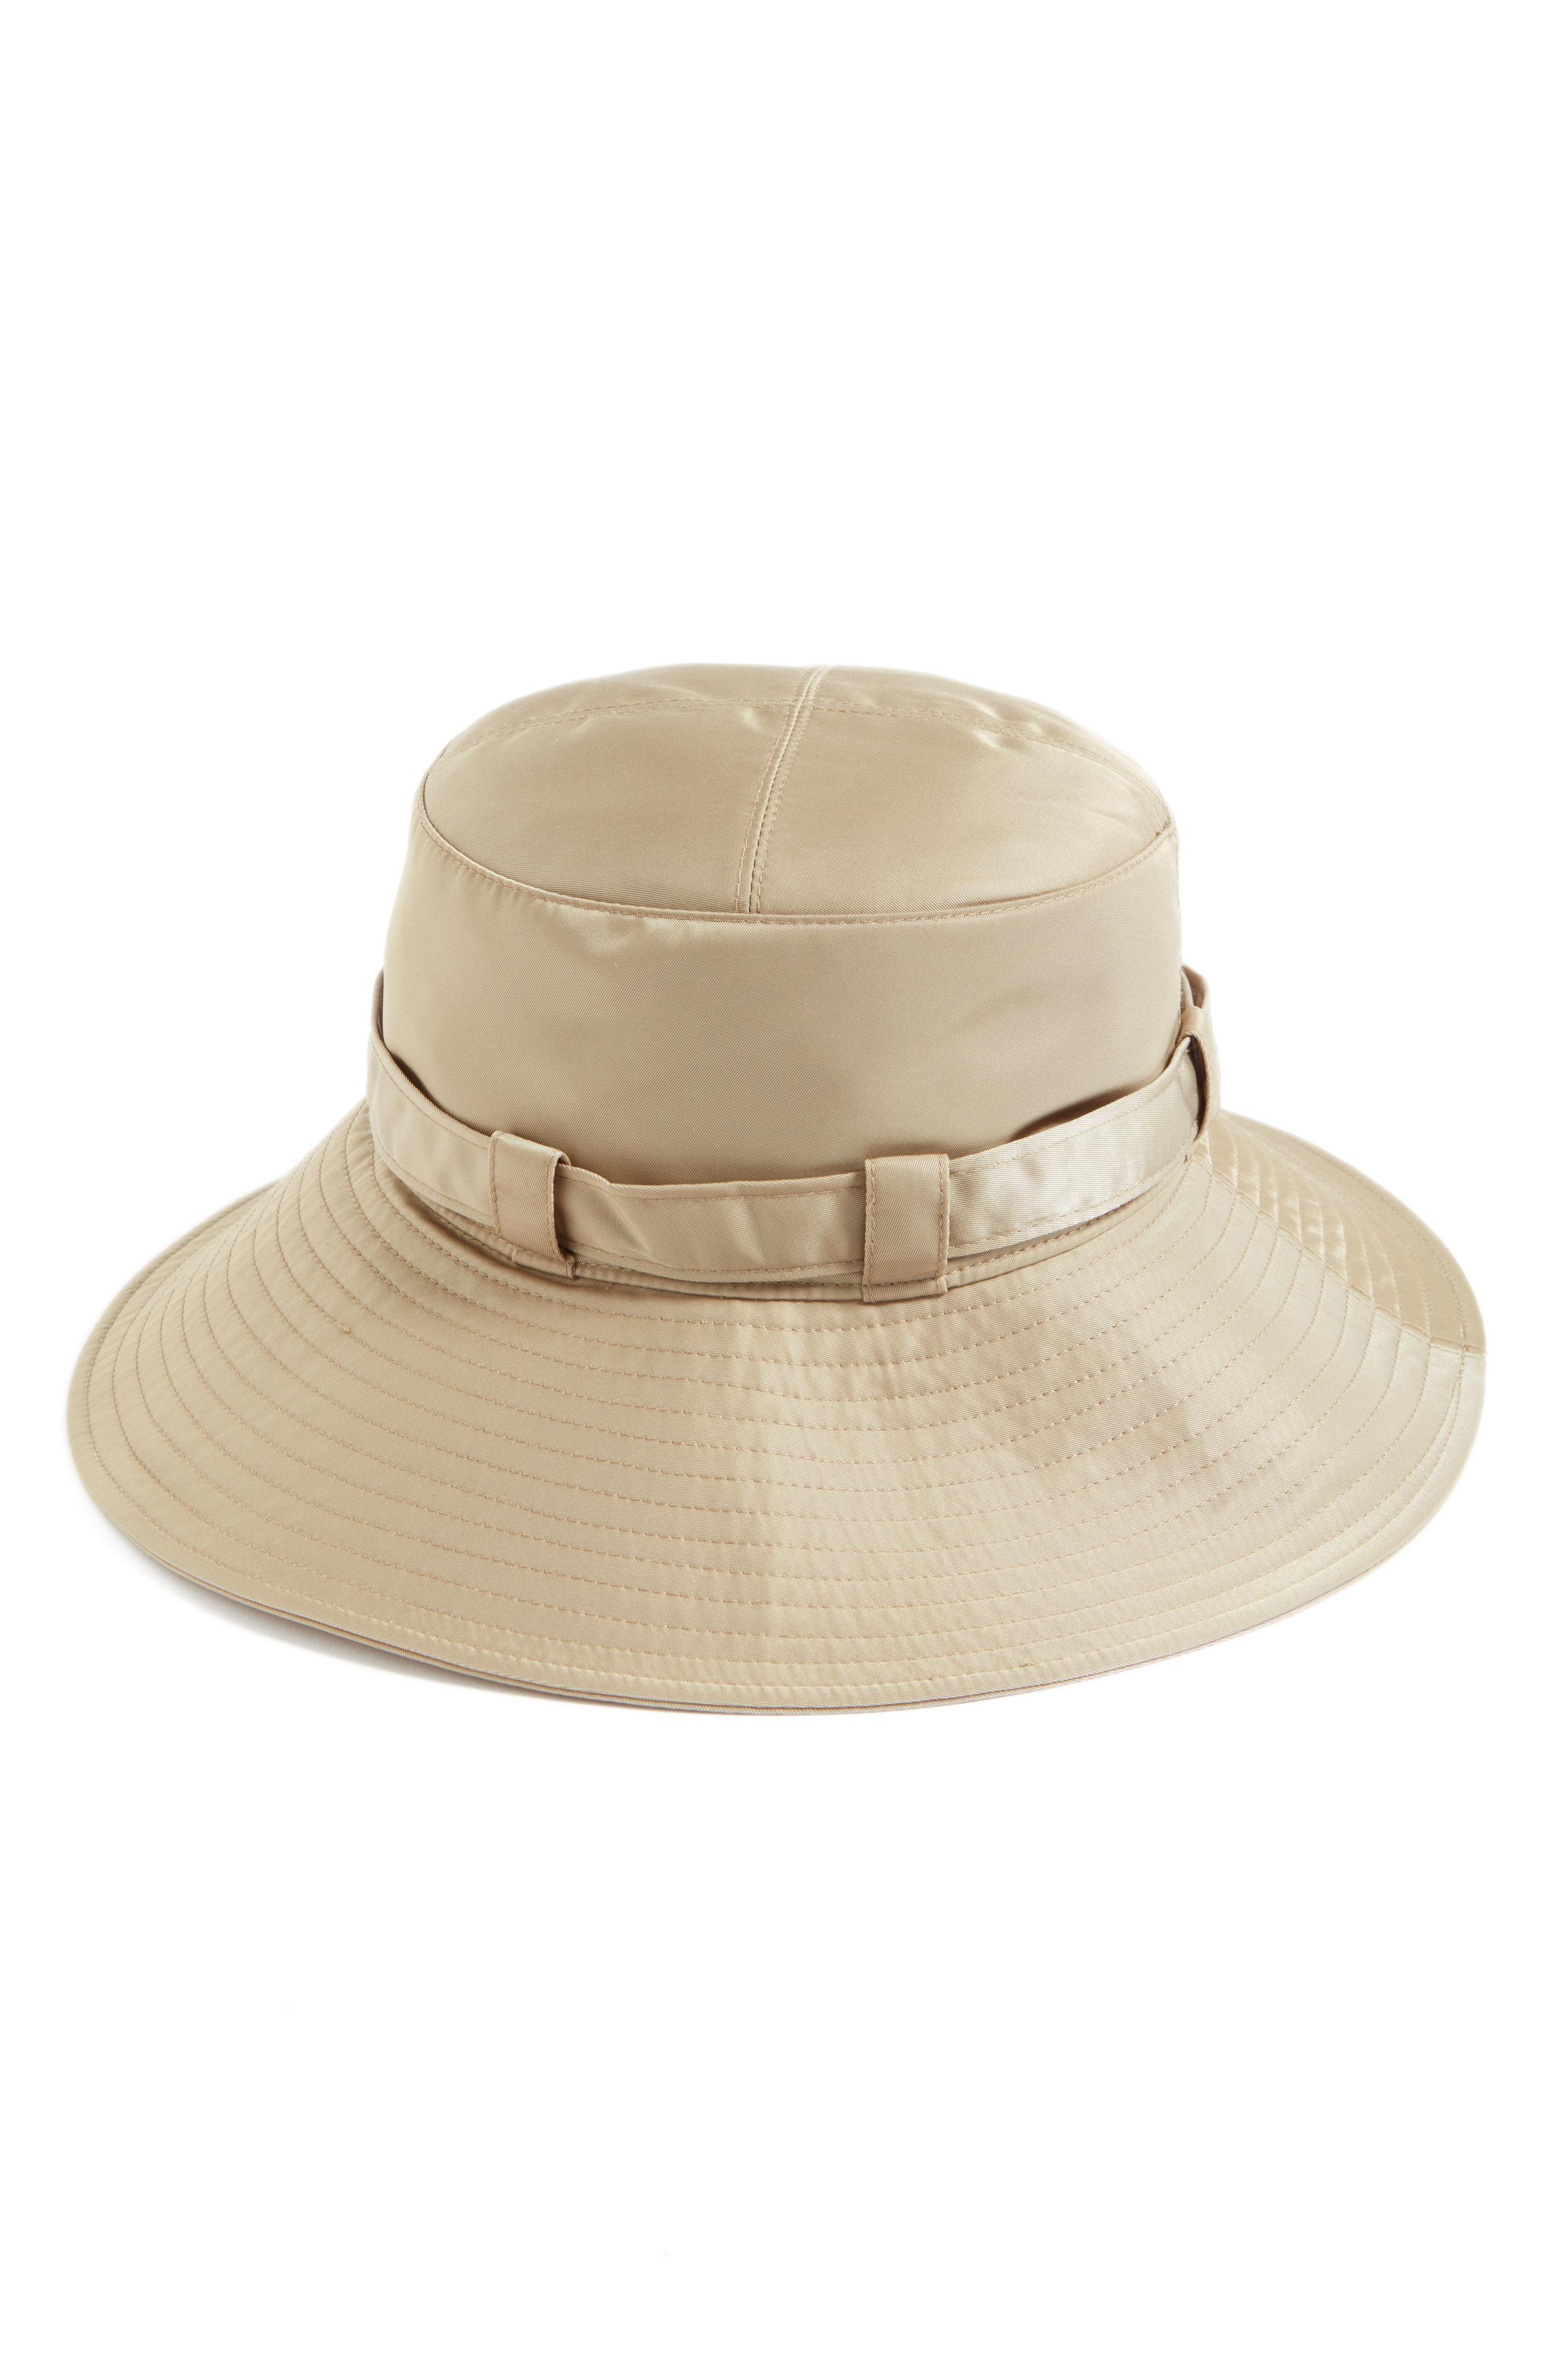 cba28cf5fc4 Lyst - Eric Javits  kaya  Hat in Natural